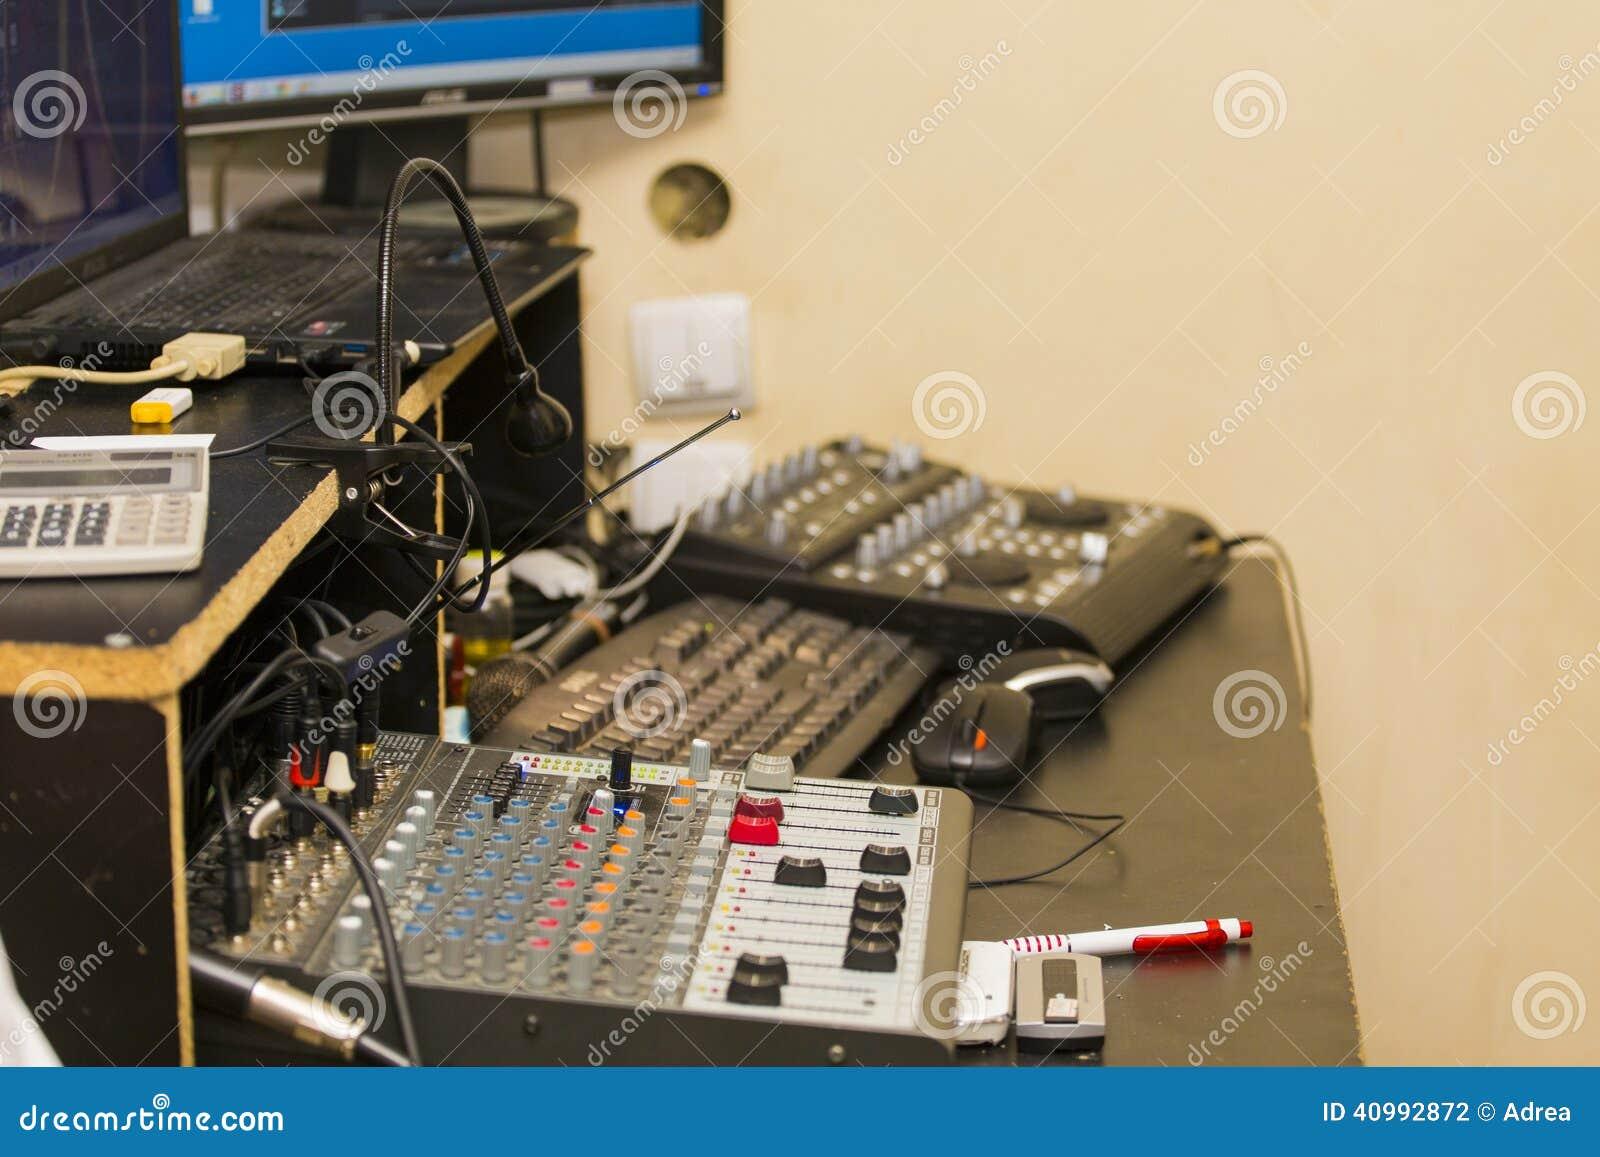 Bureau du dj photo stock image du adaptateur complètement